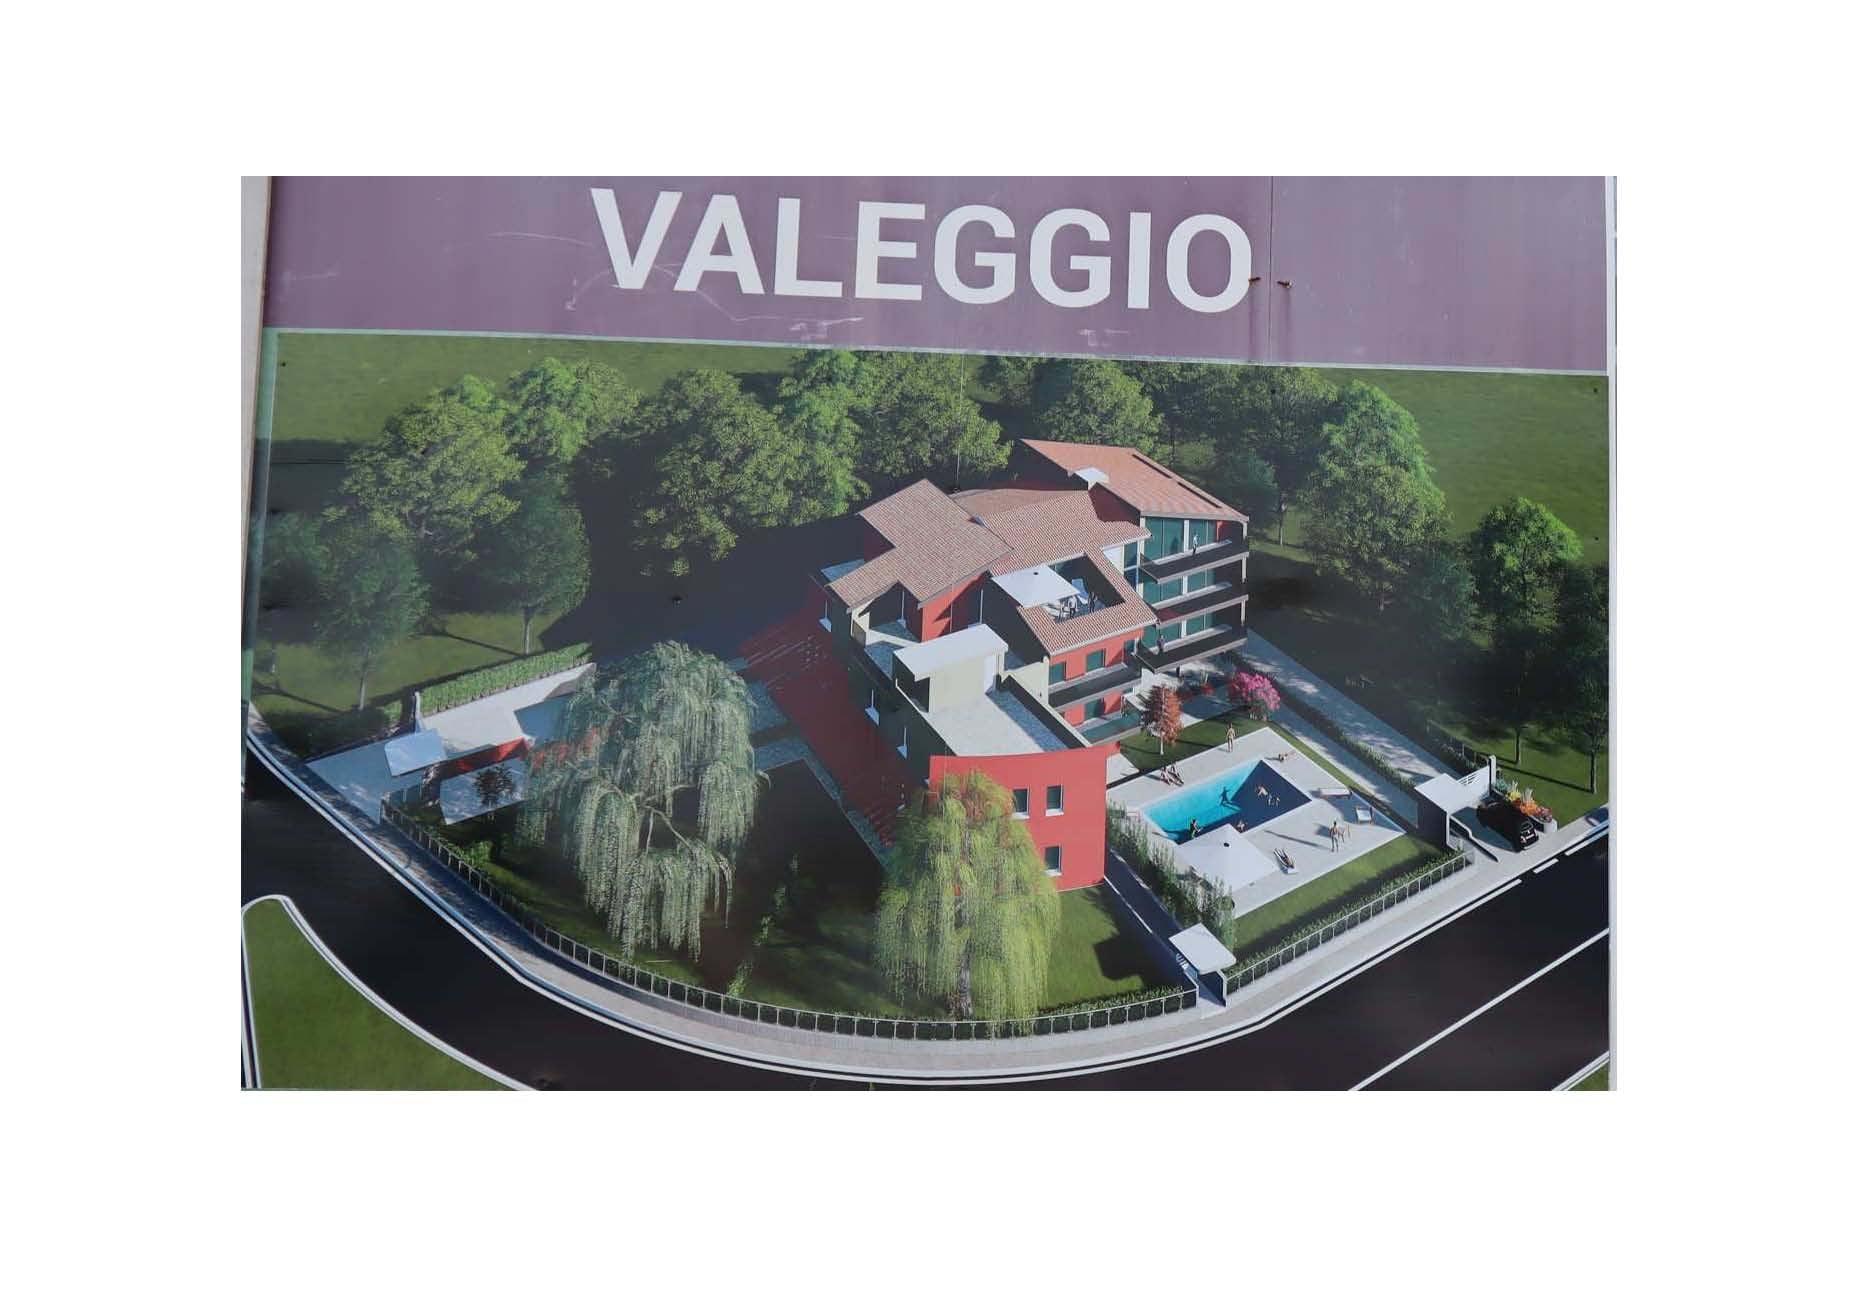 VALEGGIO